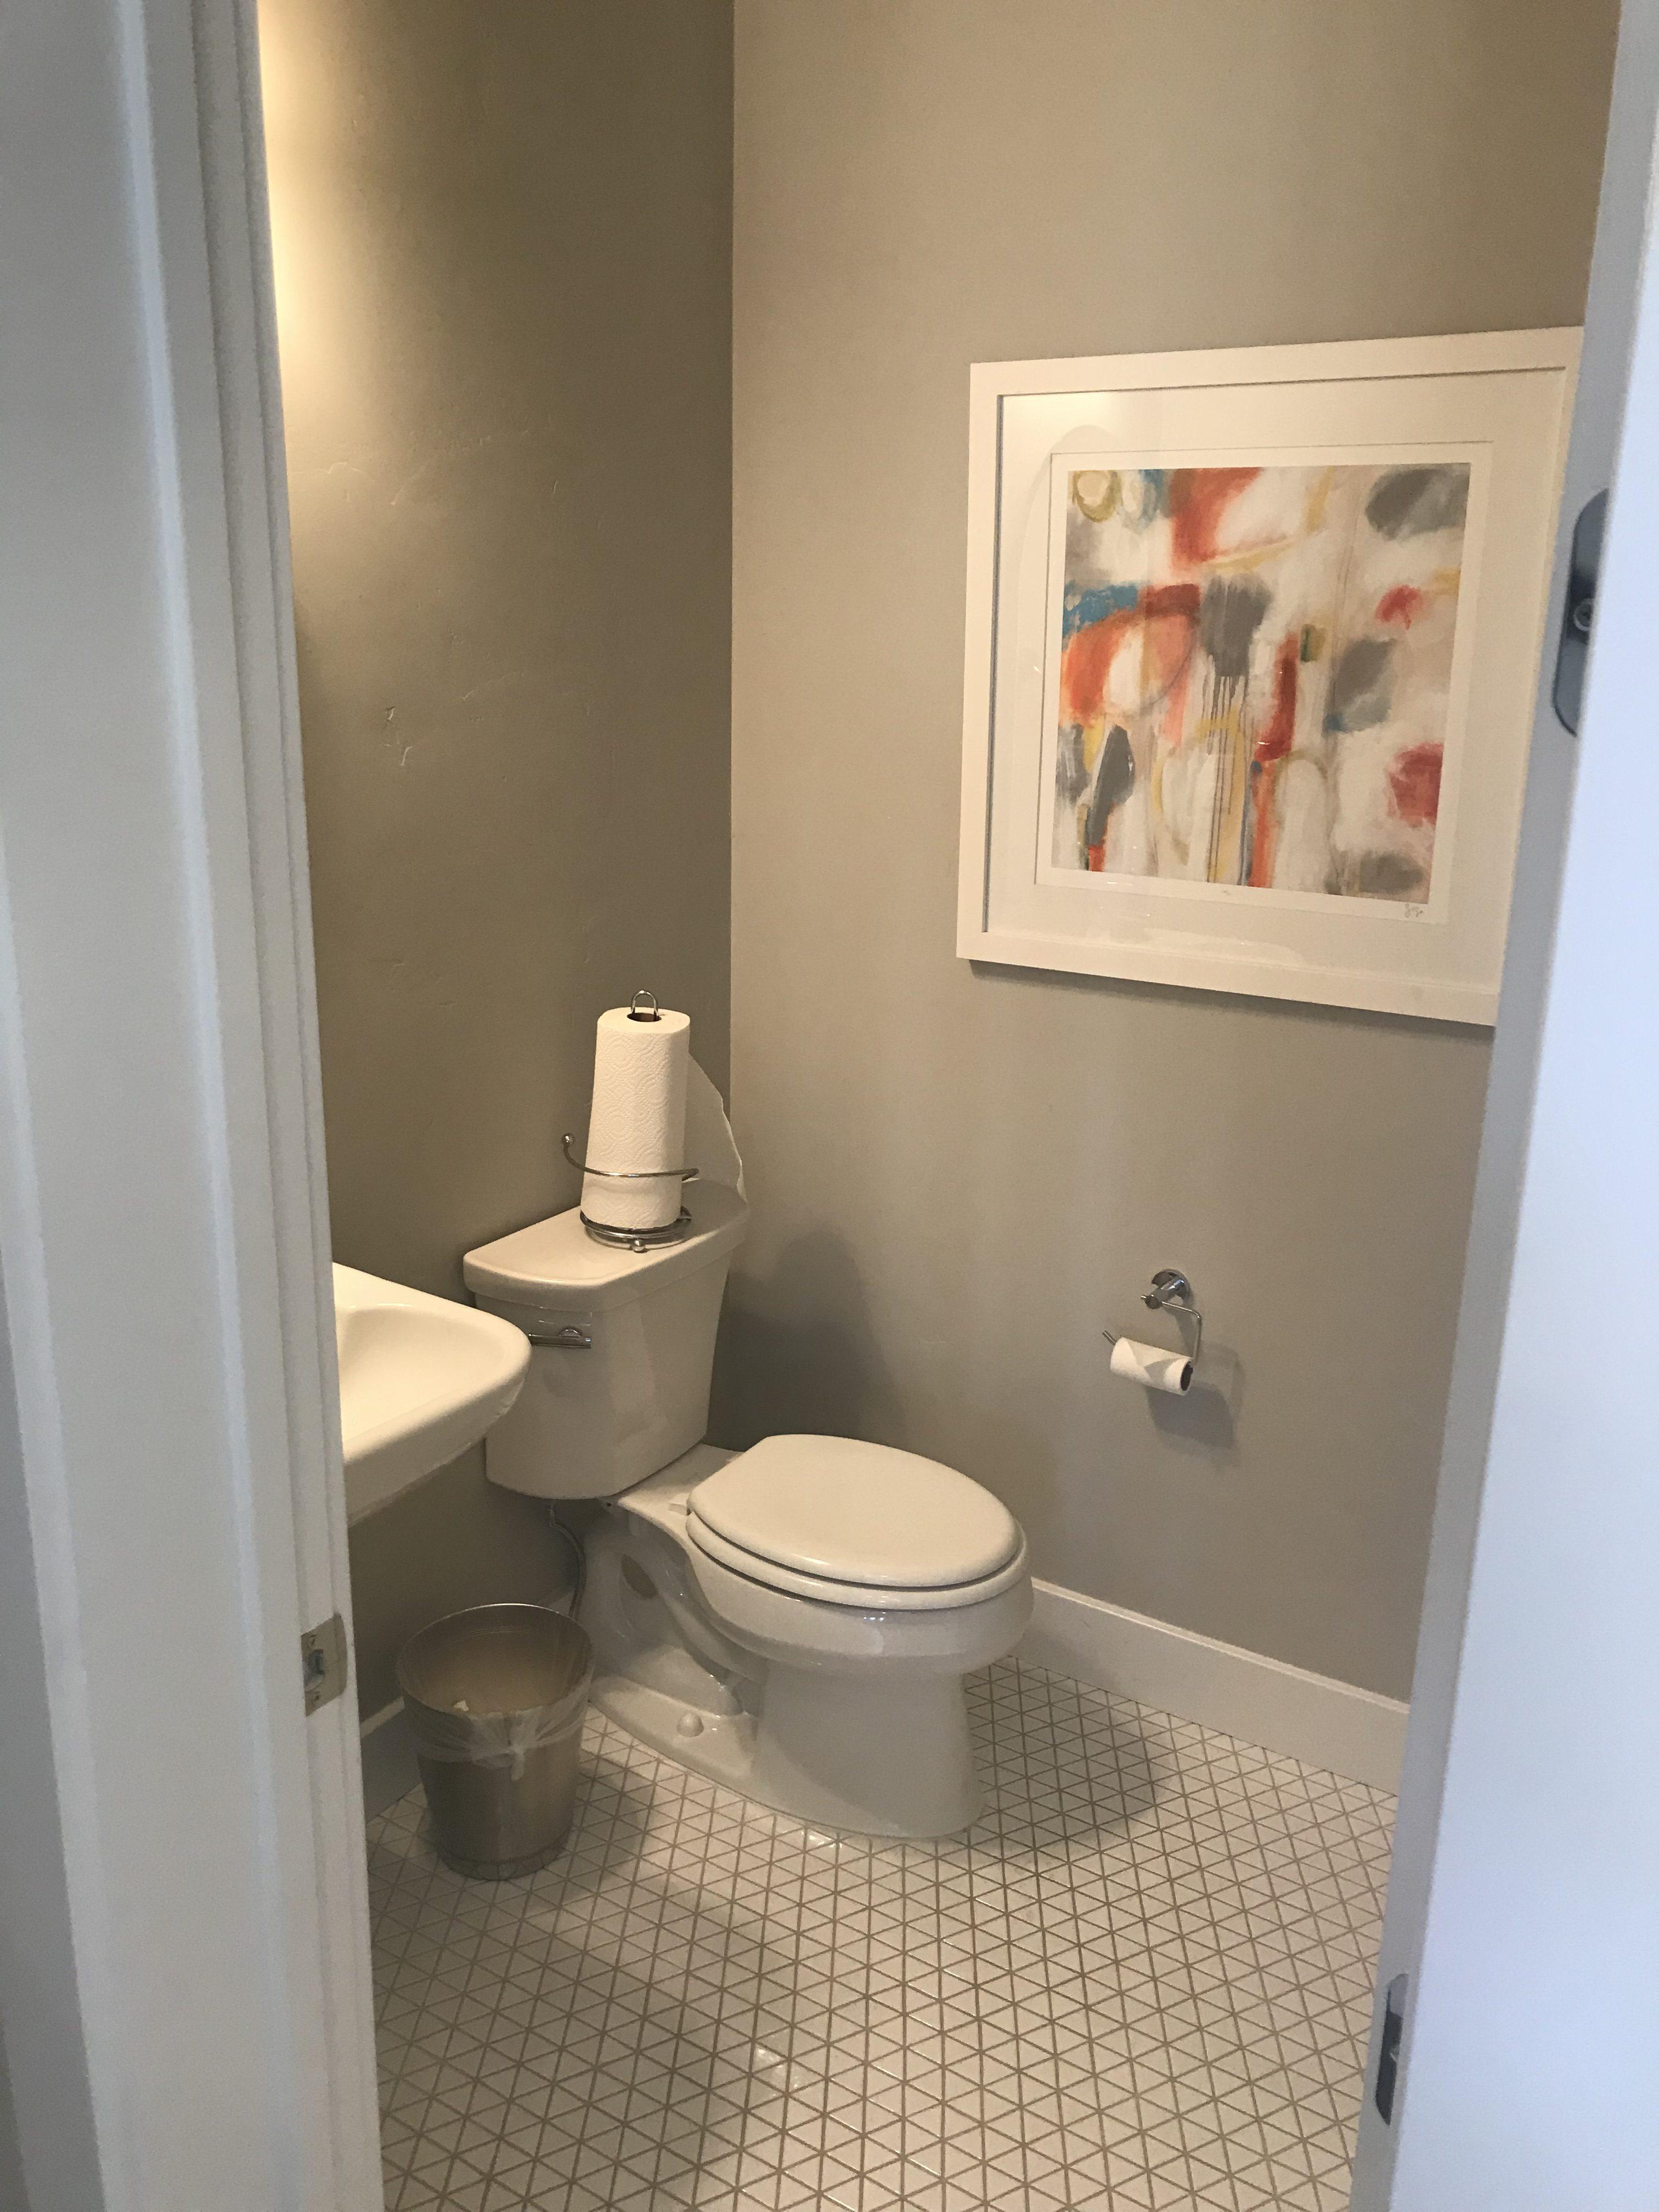 Bathroom Remodeling Kaysville Utah Barlow Construction - Bathroom remodel utah